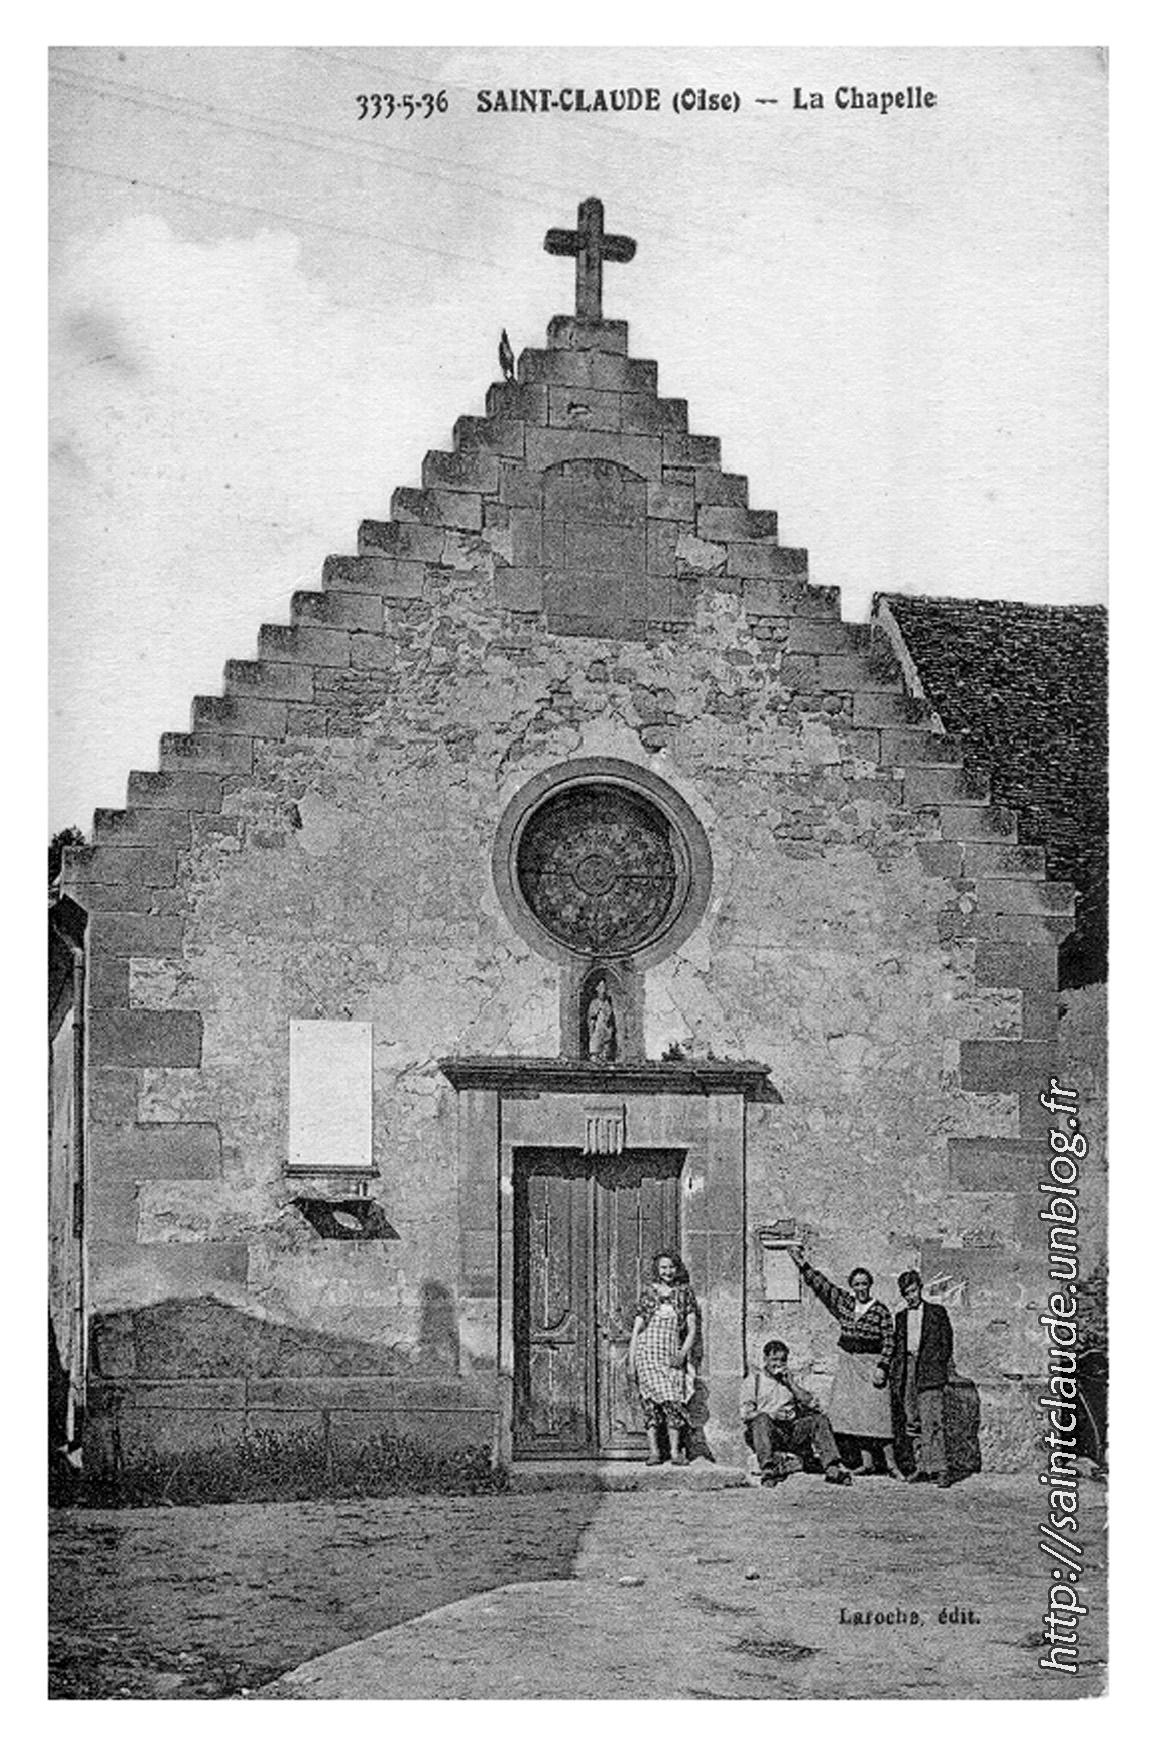 Saint-Claude (Oise) - La Chapelle